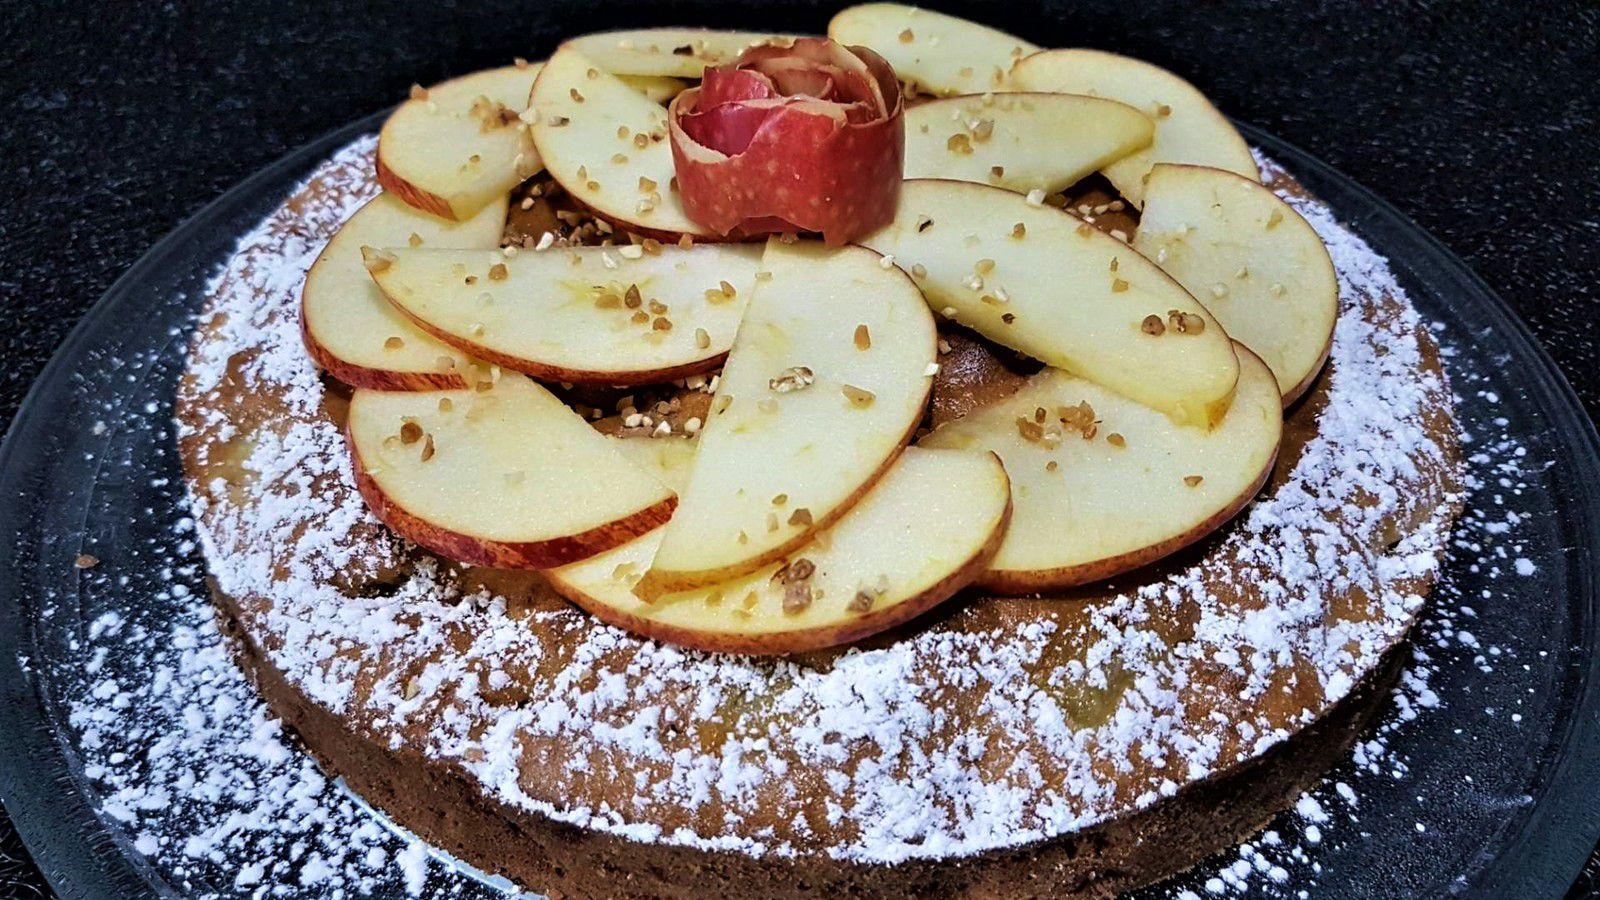 4 - Saupoudrer le gâteau de sucre glace, décorer le centre de lamelles de pommes, parsemer un peu de pralin sur le tout et terminer en déposant au centre du gâteau une pelure de pomme enroulée en forme de fleur. Déguster au goûter éventuellement avec du cidre, du poiré, un blanc pétillant ou du champagne.